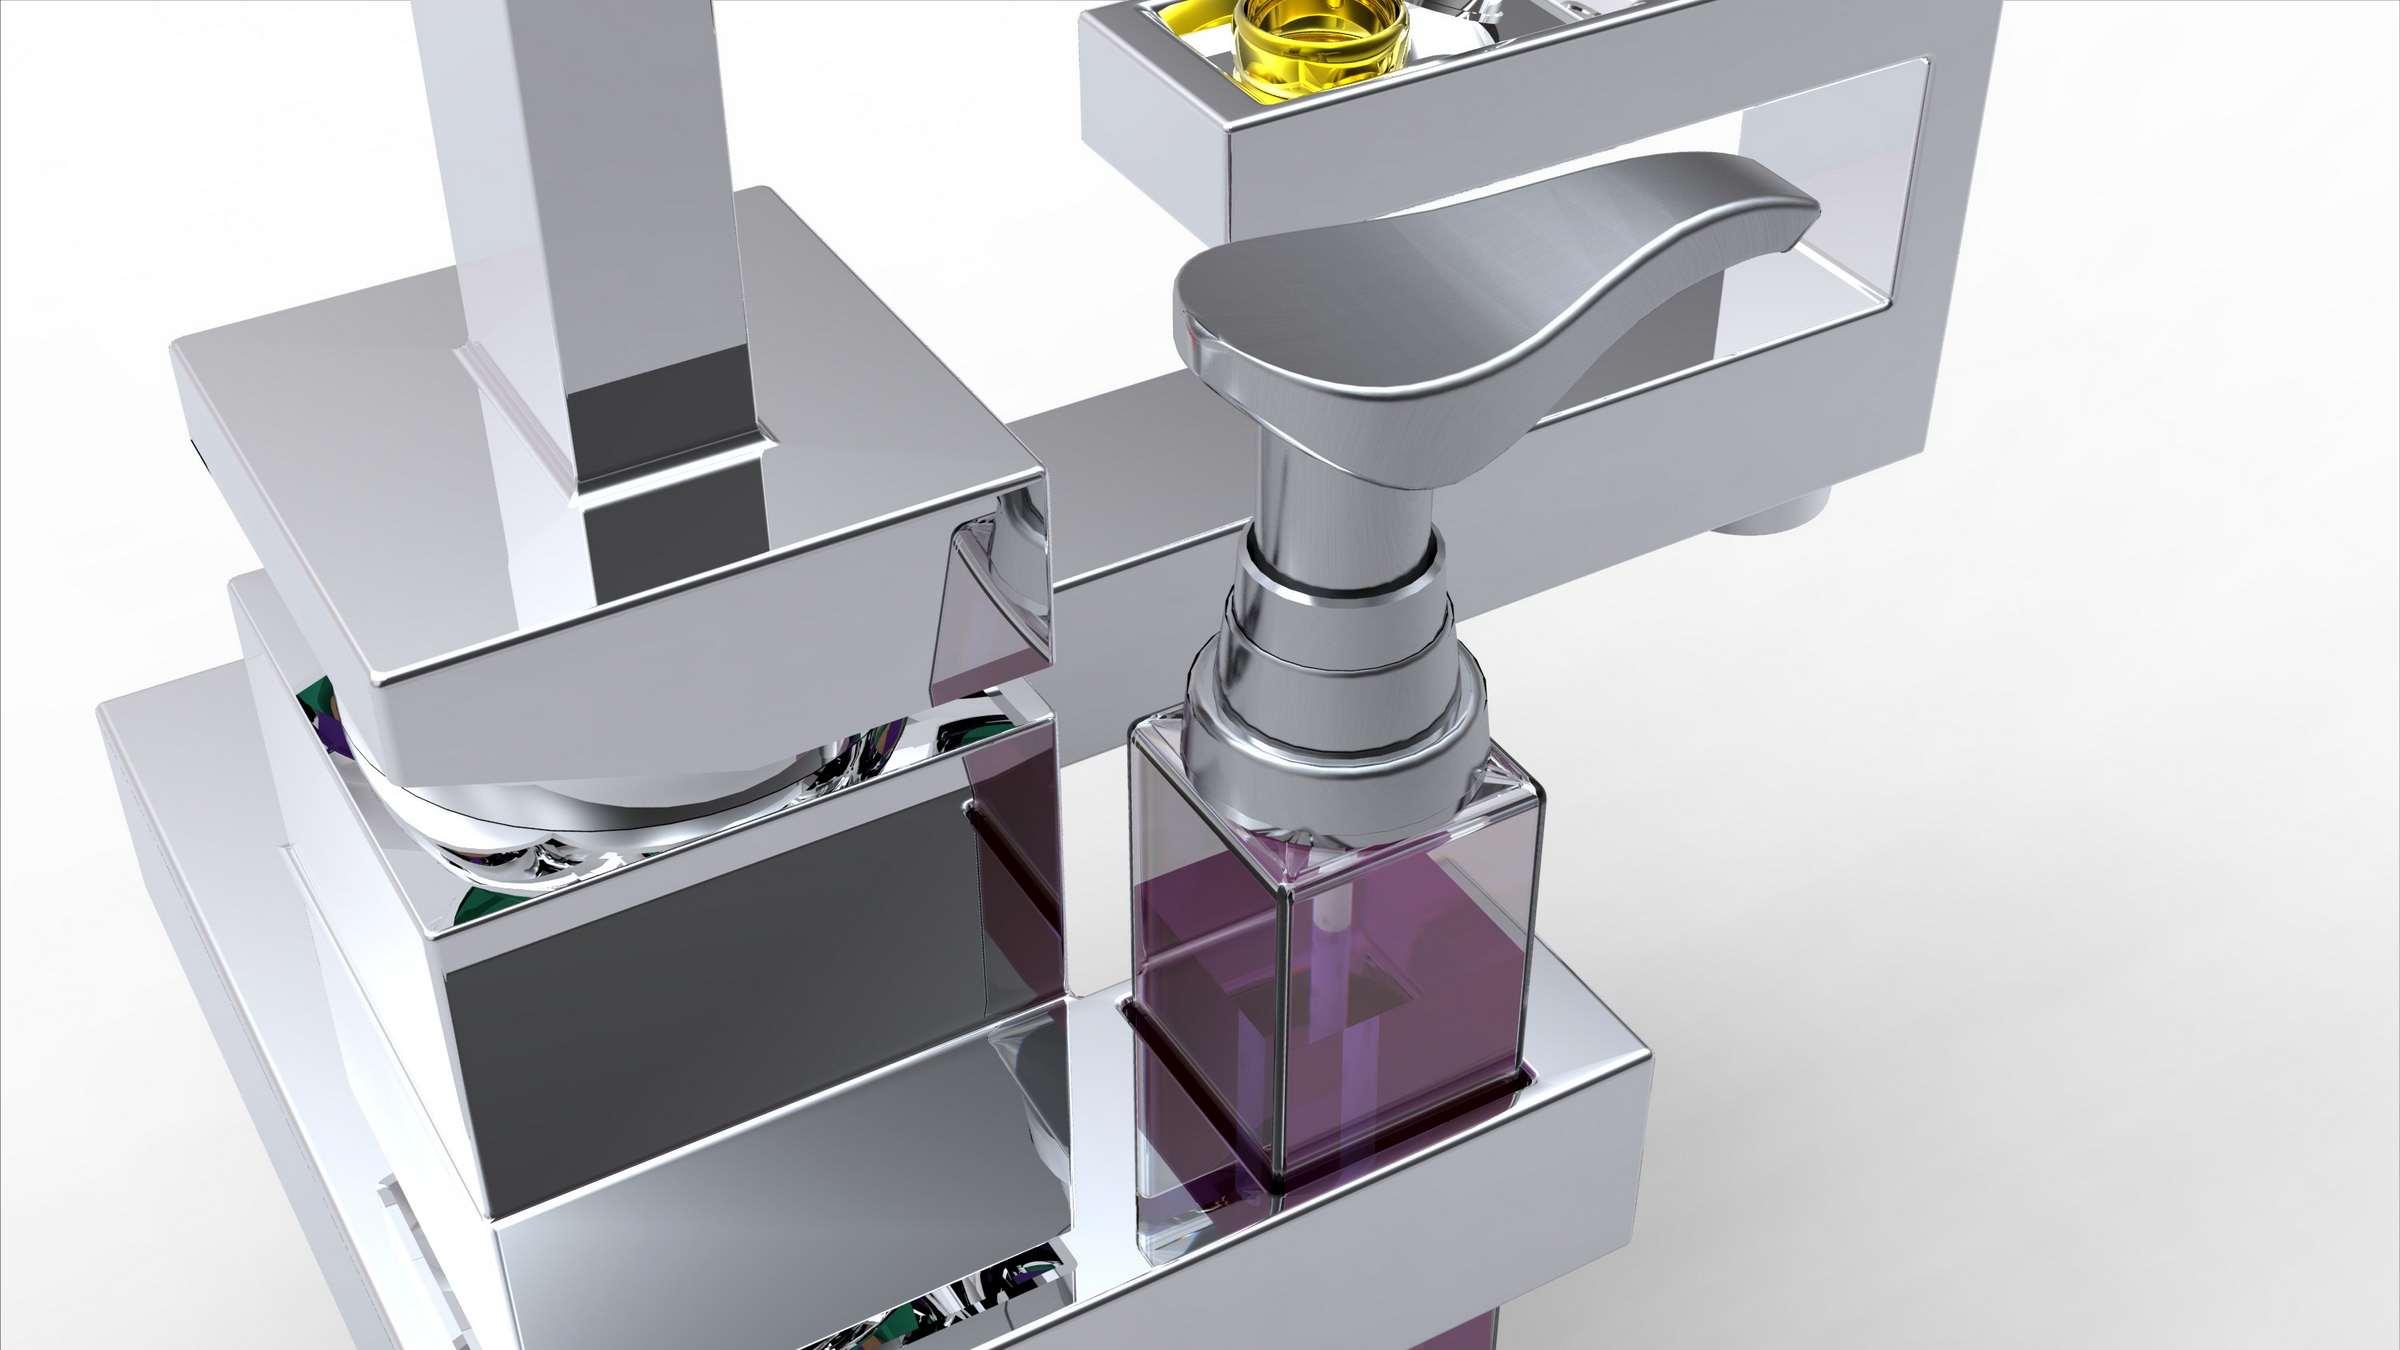 U Turn Faucet-2